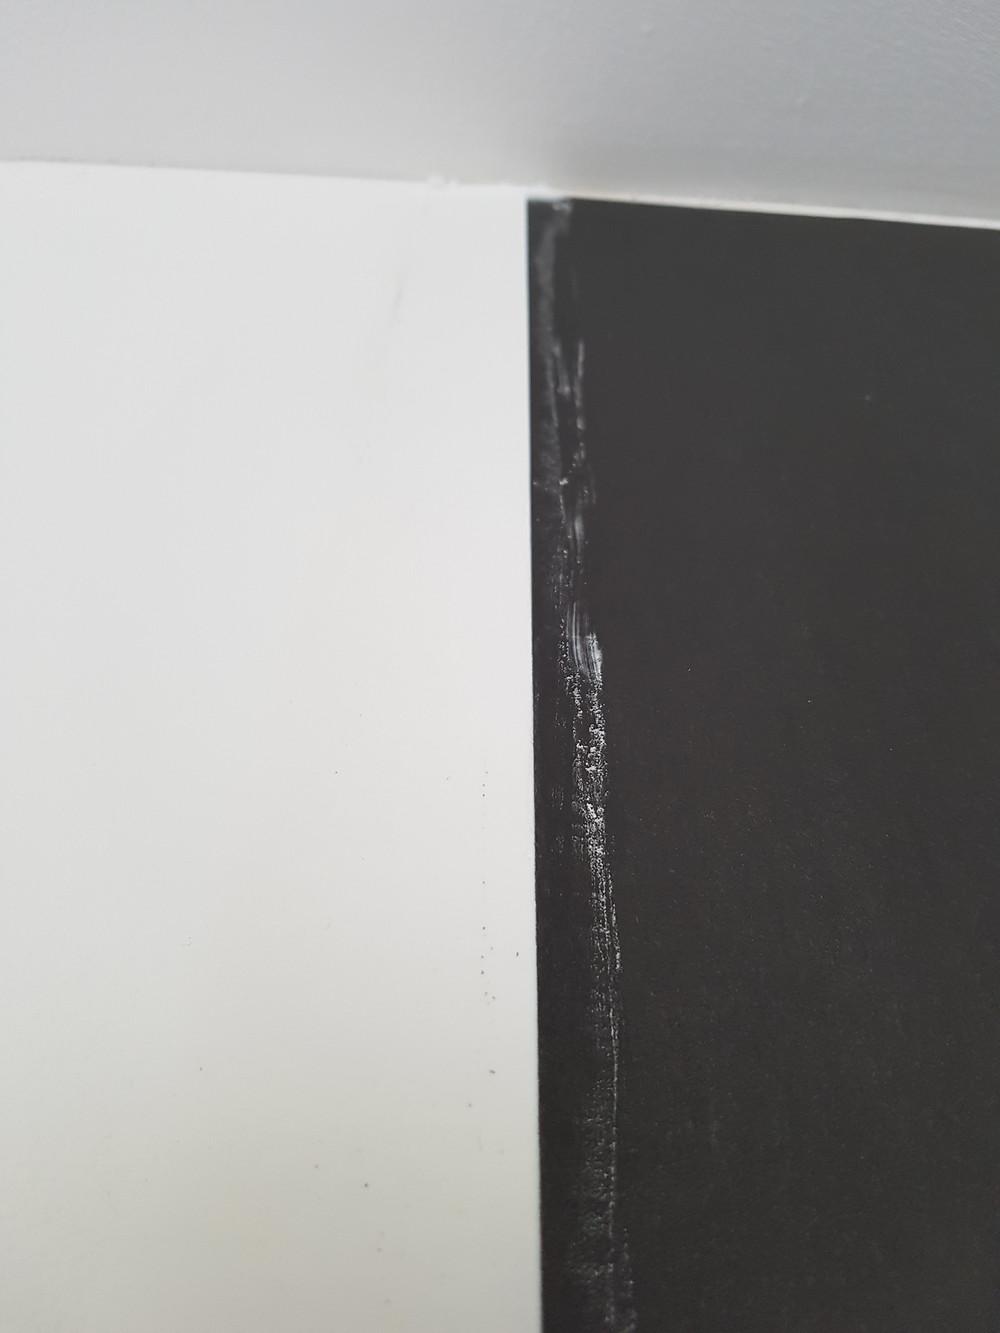 Magneetbehang plamuur